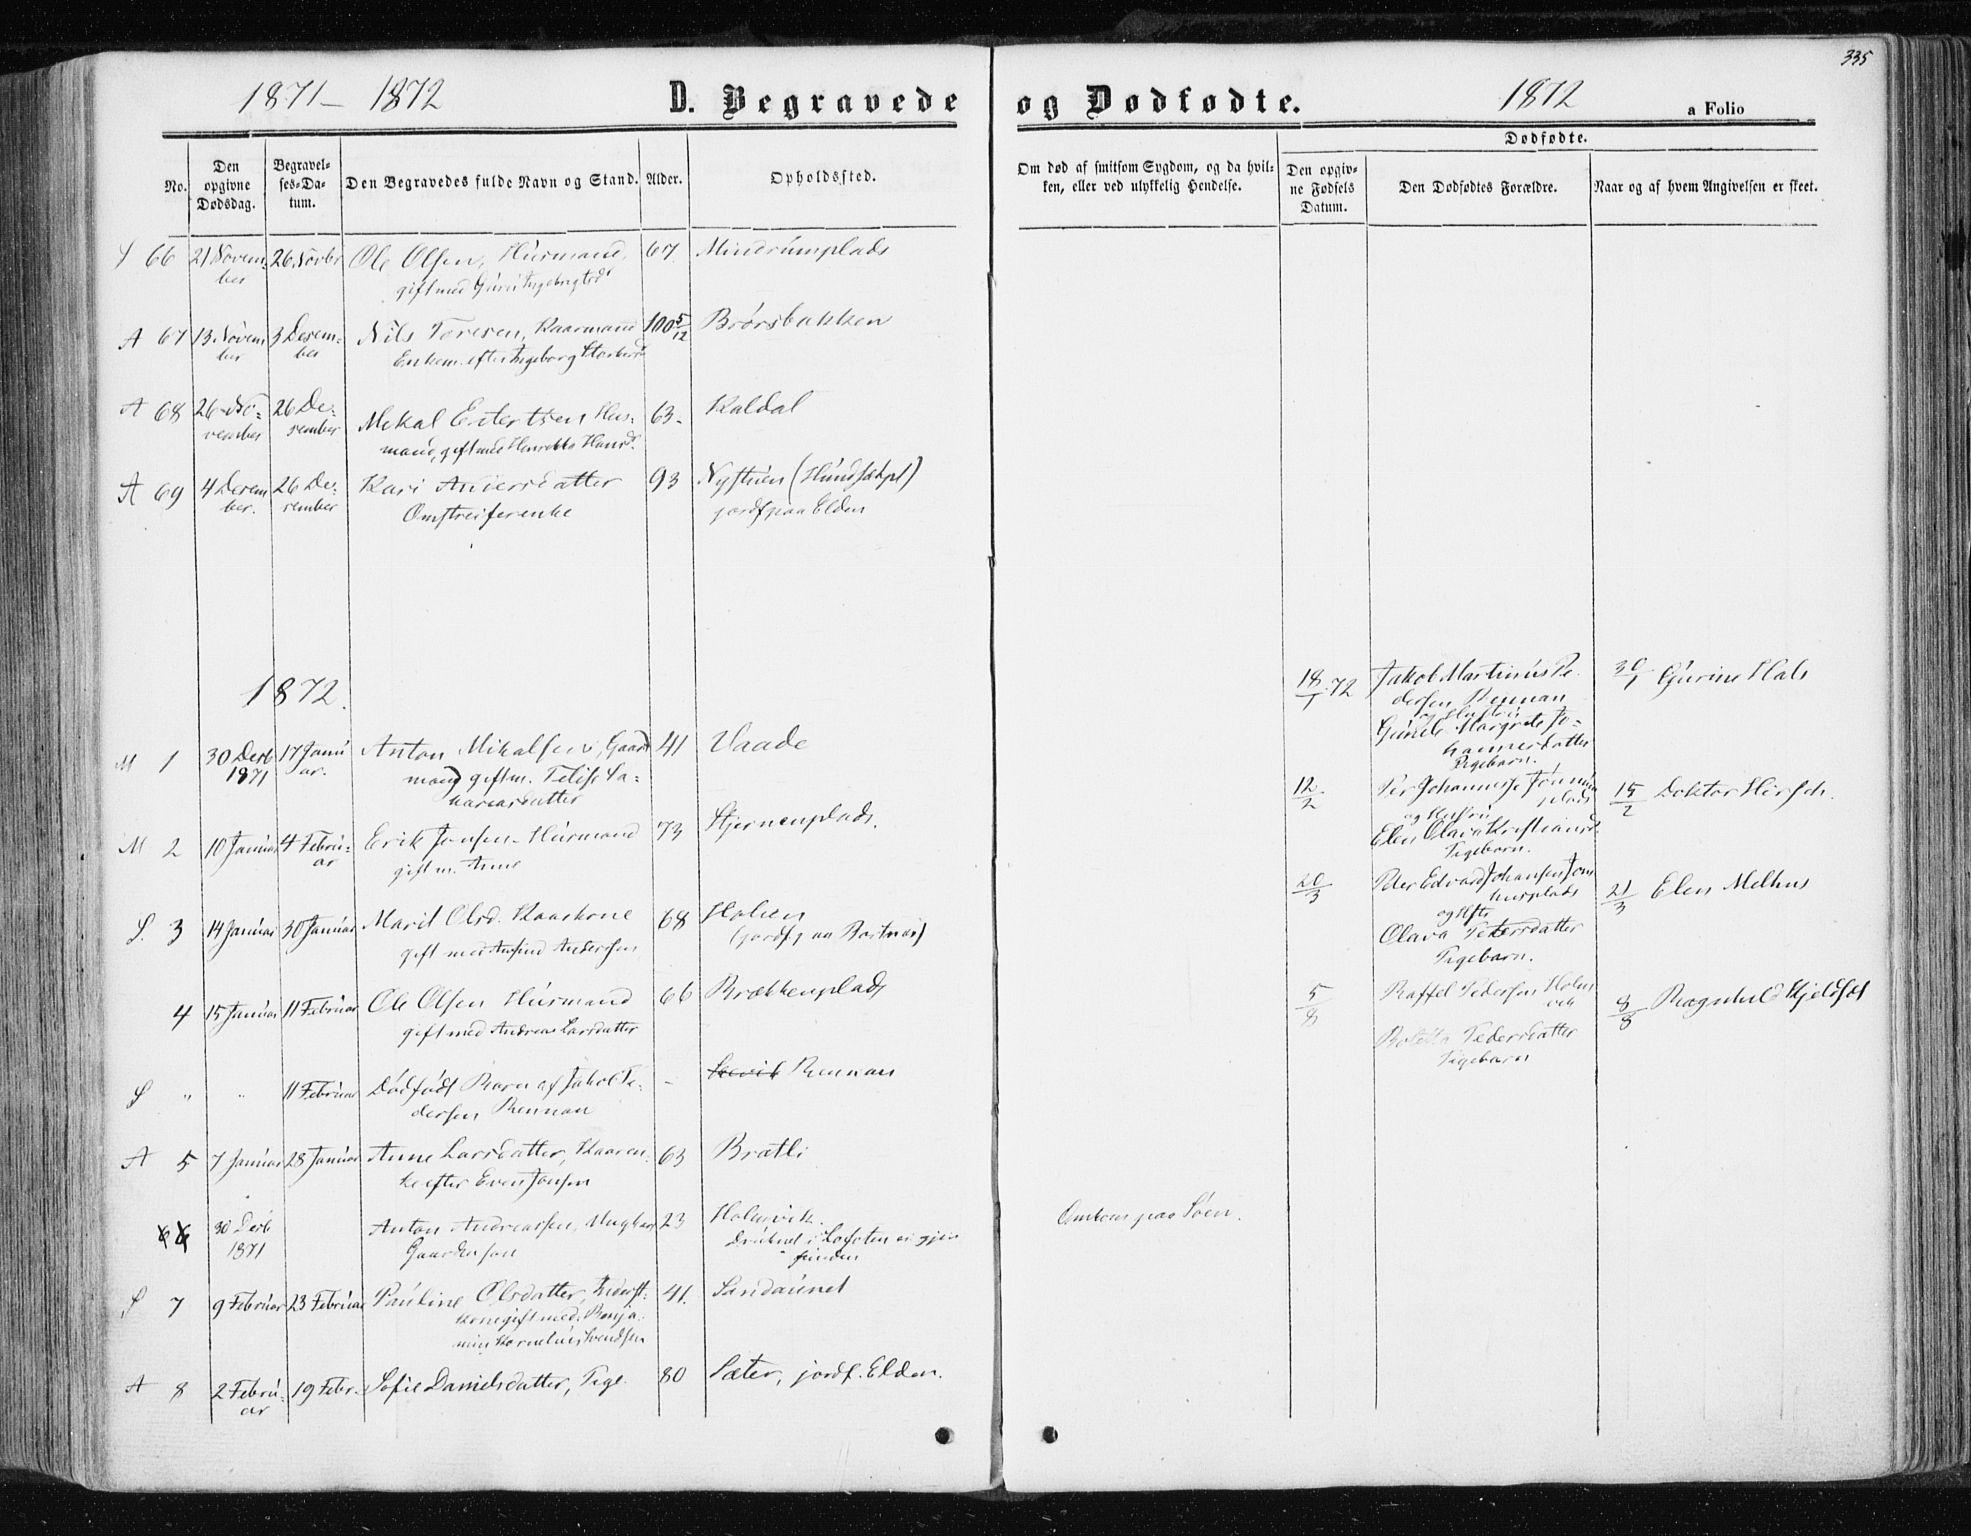 SAT, Ministerialprotokoller, klokkerbøker og fødselsregistre - Nord-Trøndelag, 741/L0394: Ministerialbok nr. 741A08, 1864-1877, s. 335